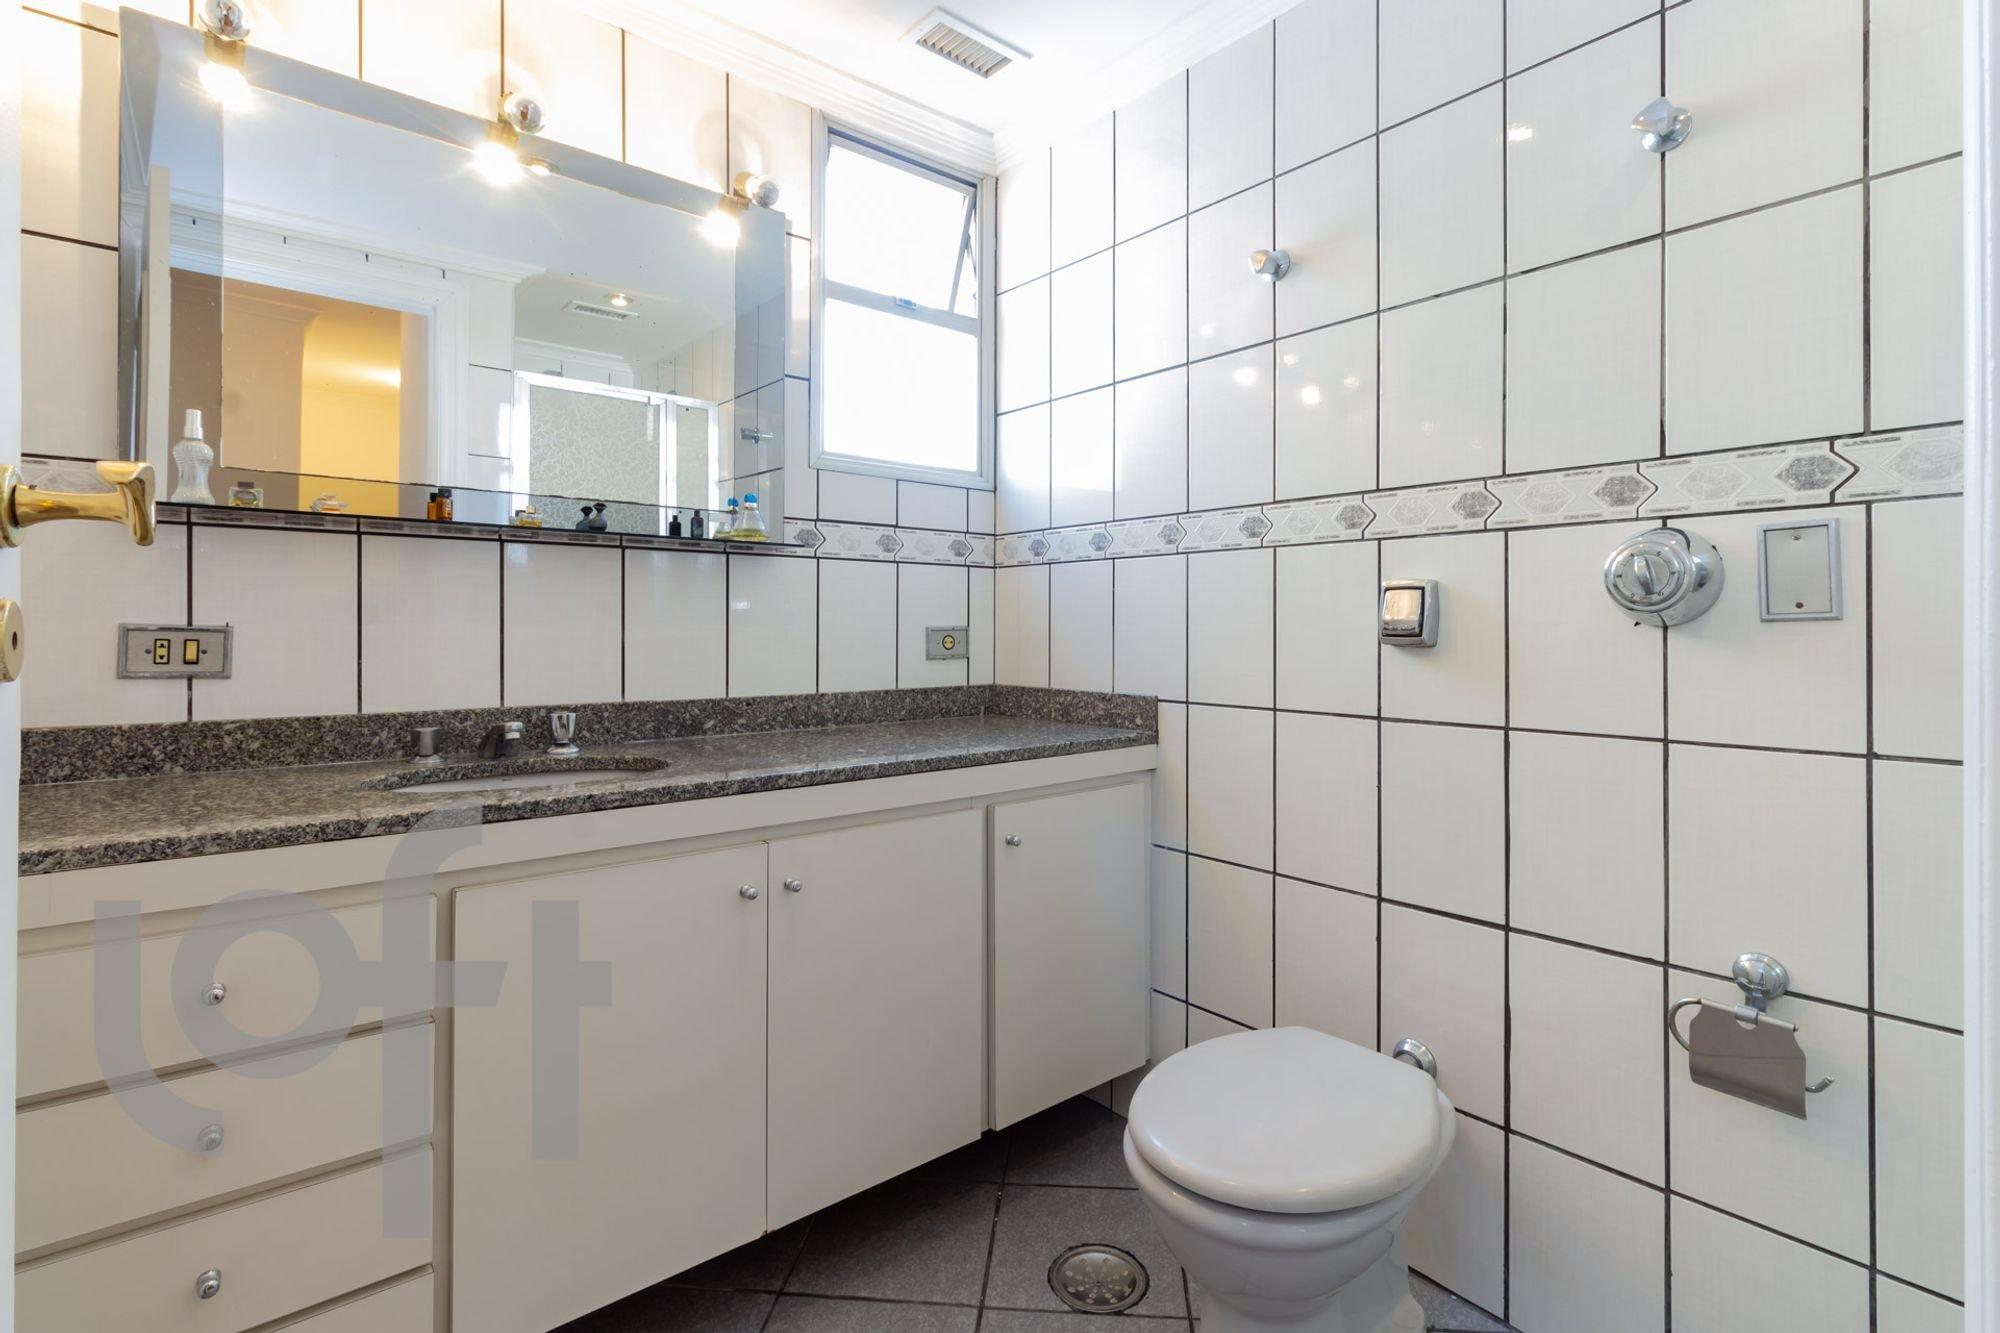 Foto de Cozinha com vaso sanitário, pia, garrafa